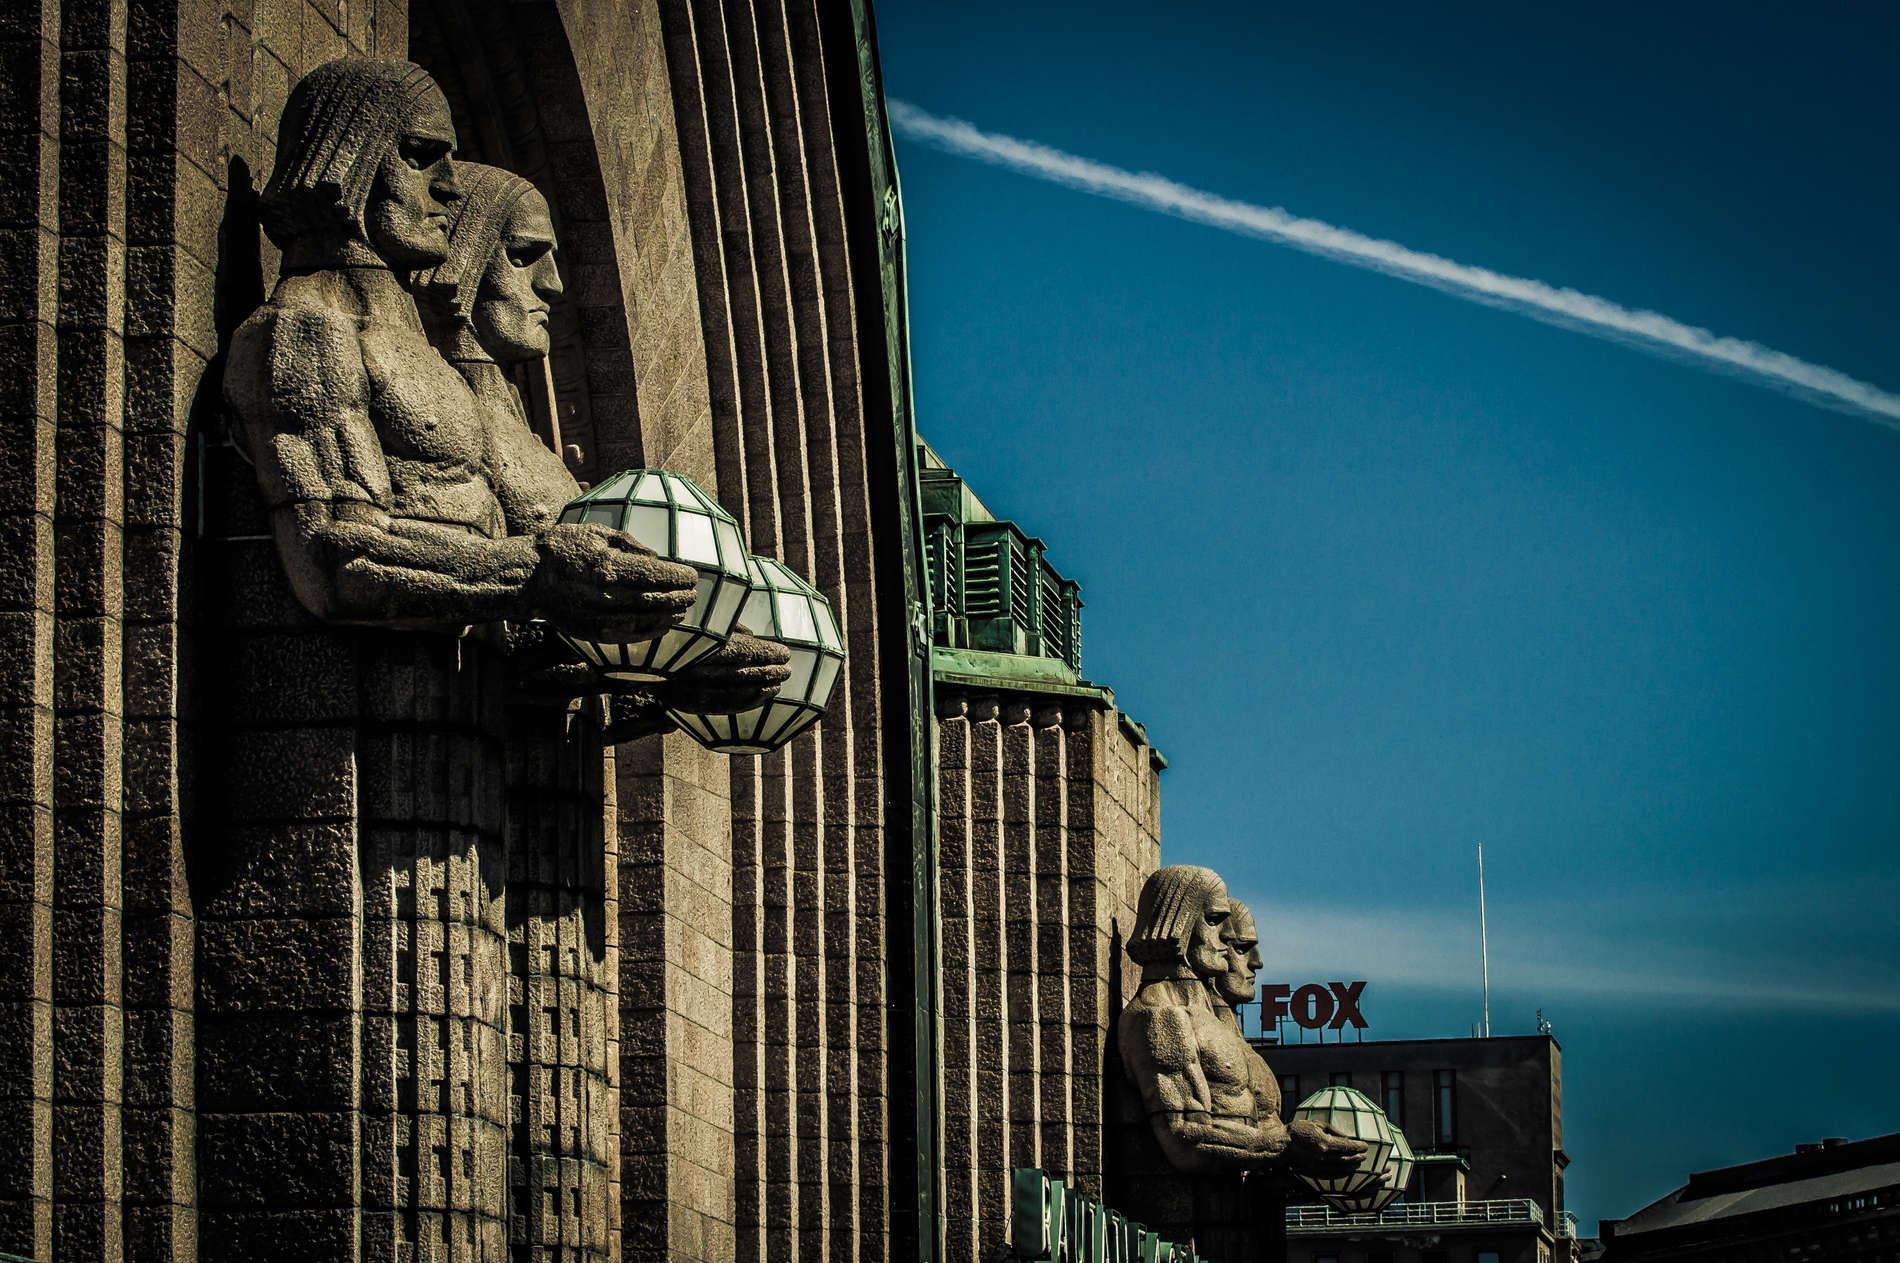 Photo by: Goetze Images - Helsinki Marketing